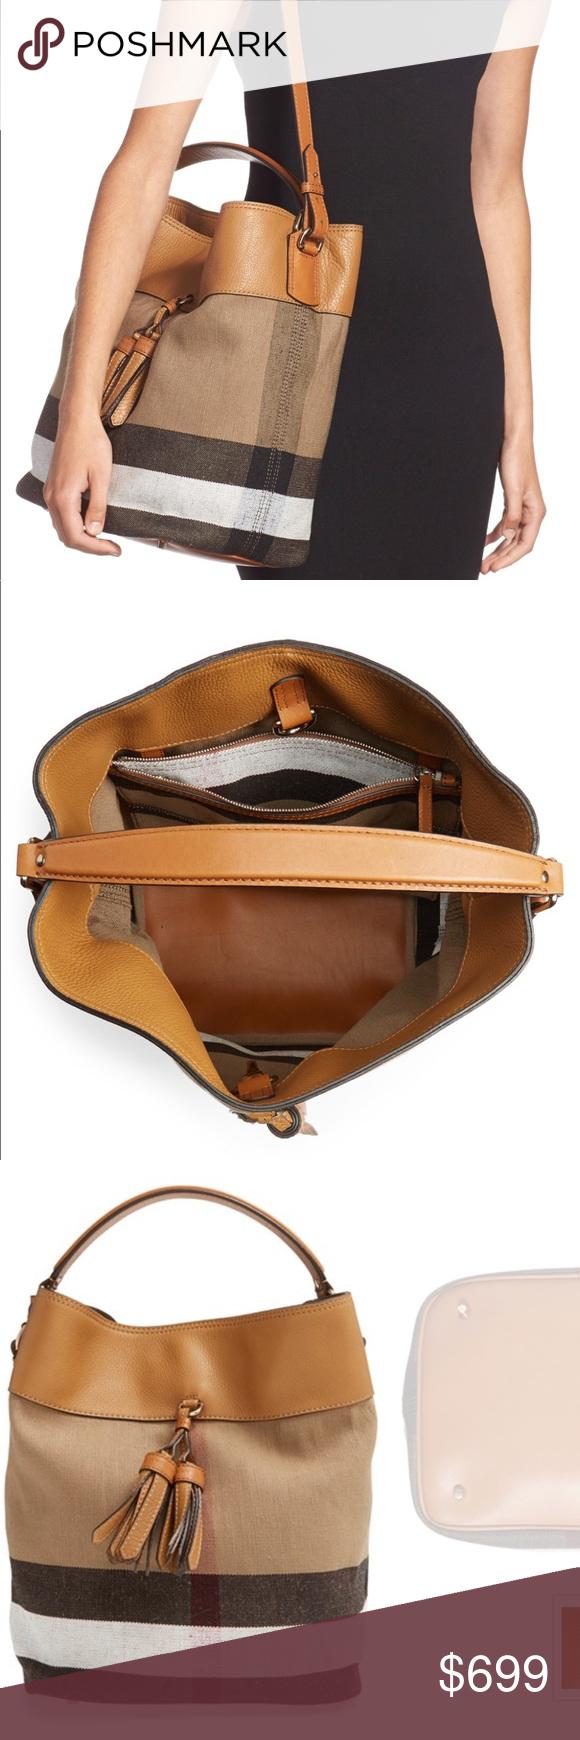 Burberry Medium Ashby Bucket Bag ed1cee0d83989